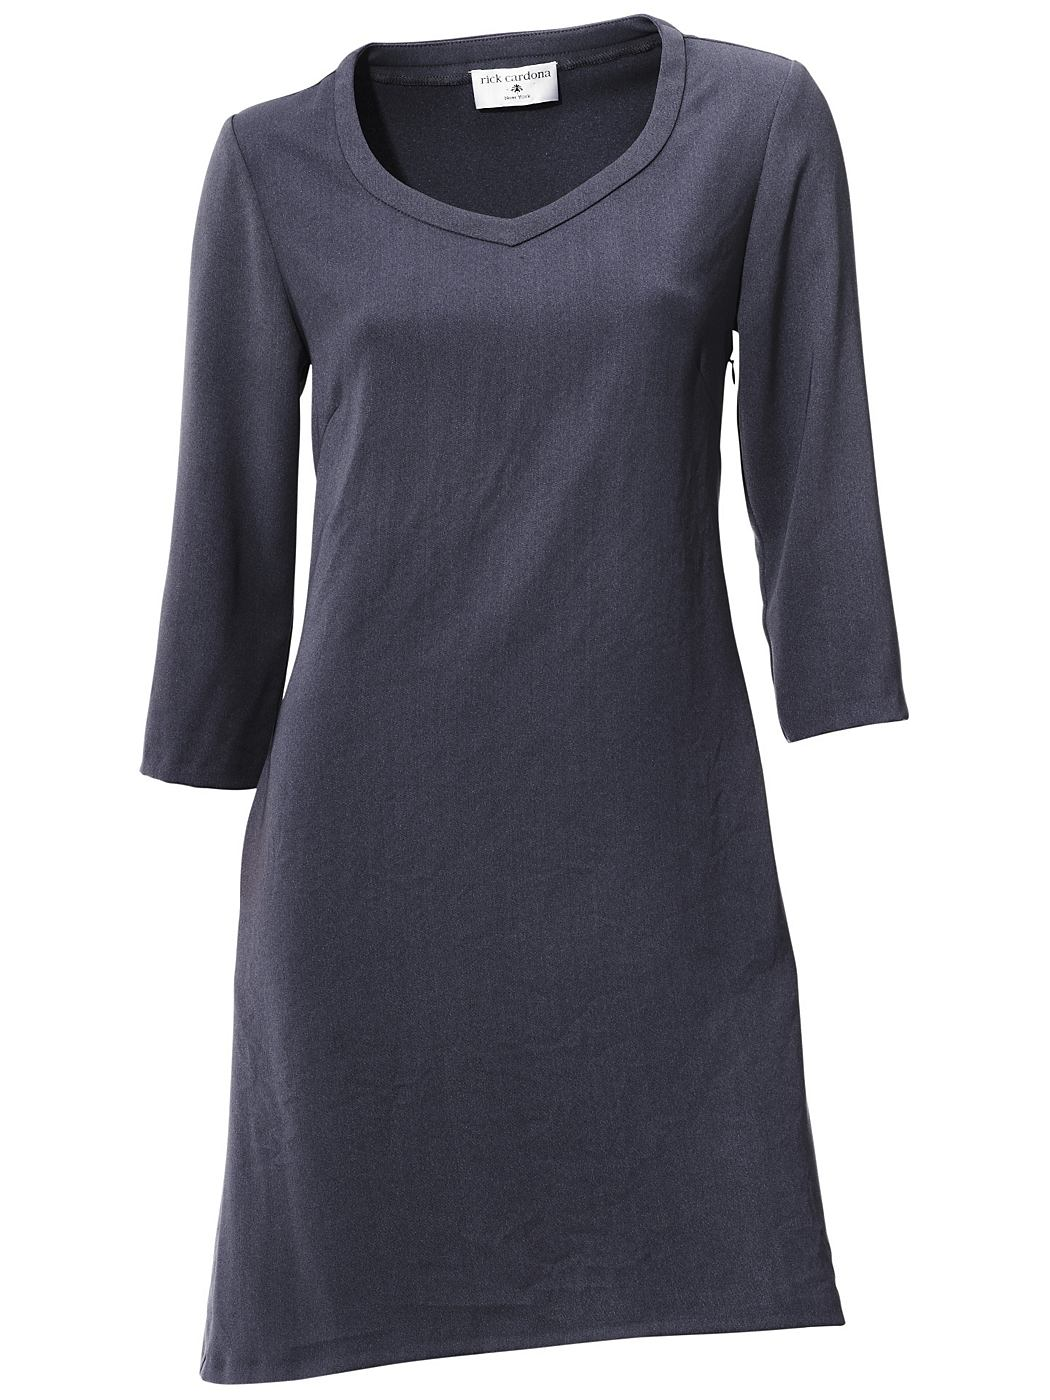 jurk met korte mouwen blauw